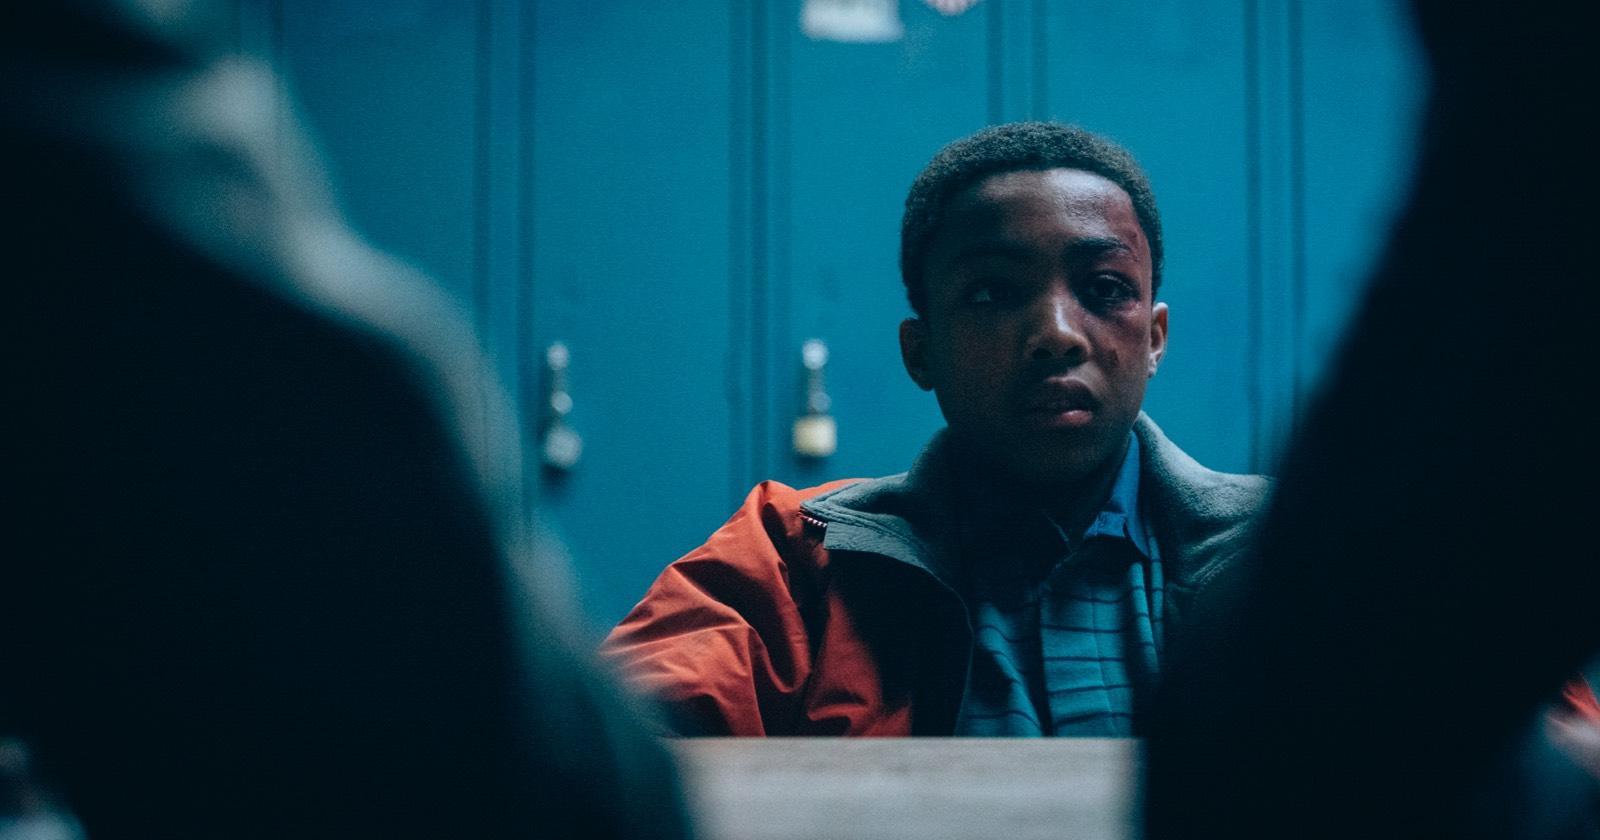 El personaje que interpreta a Kevin Richardson en la miniserie de Netflix When They See Us, siendo interrogado por la policía.